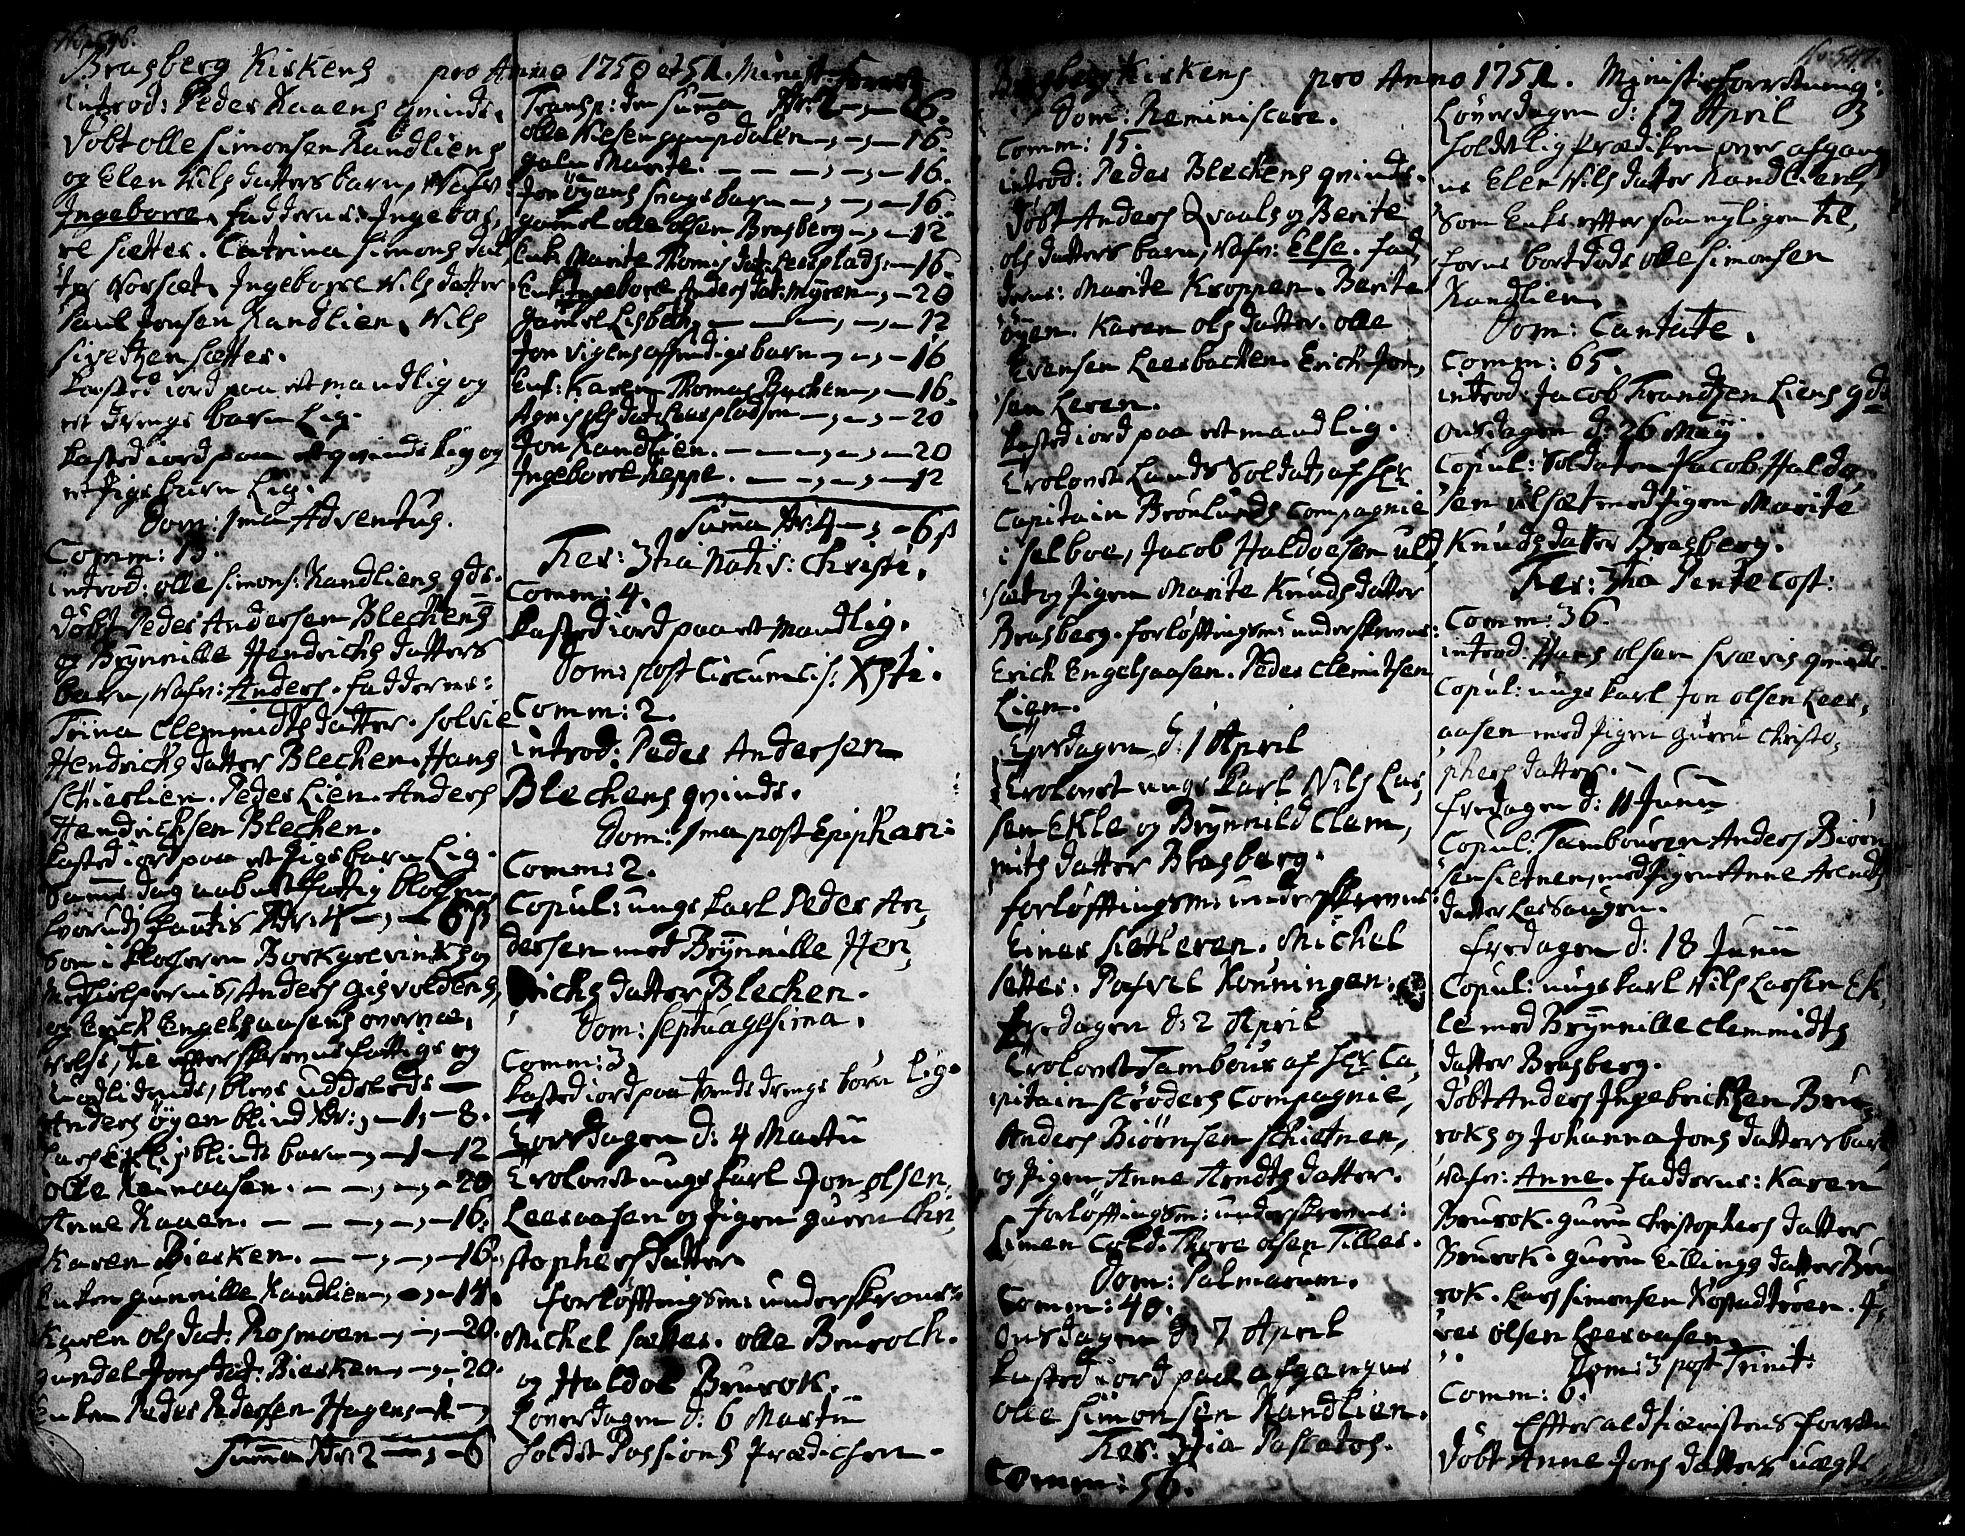 SAT, Ministerialprotokoller, klokkerbøker og fødselsregistre - Sør-Trøndelag, 606/L0278: Ministerialbok nr. 606A01 /4, 1727-1780, s. 546-547